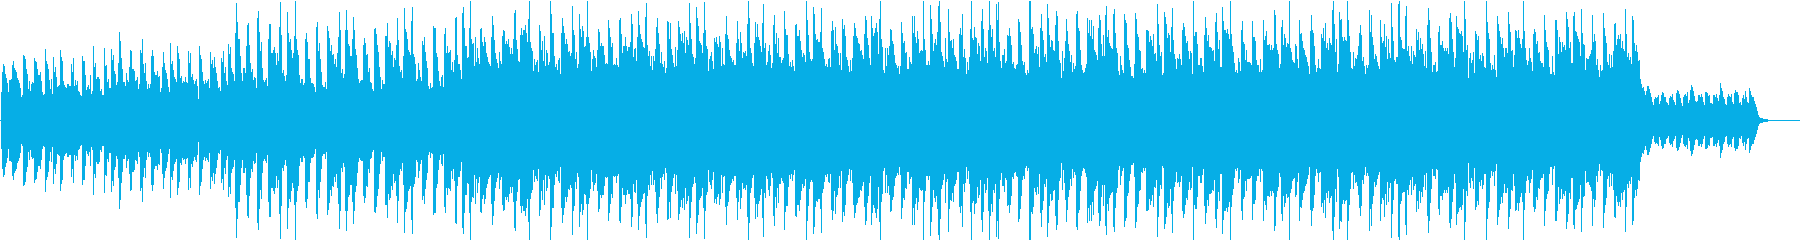 不安定なサウンドで危機感迫る感じのBGMの再生済みの波形